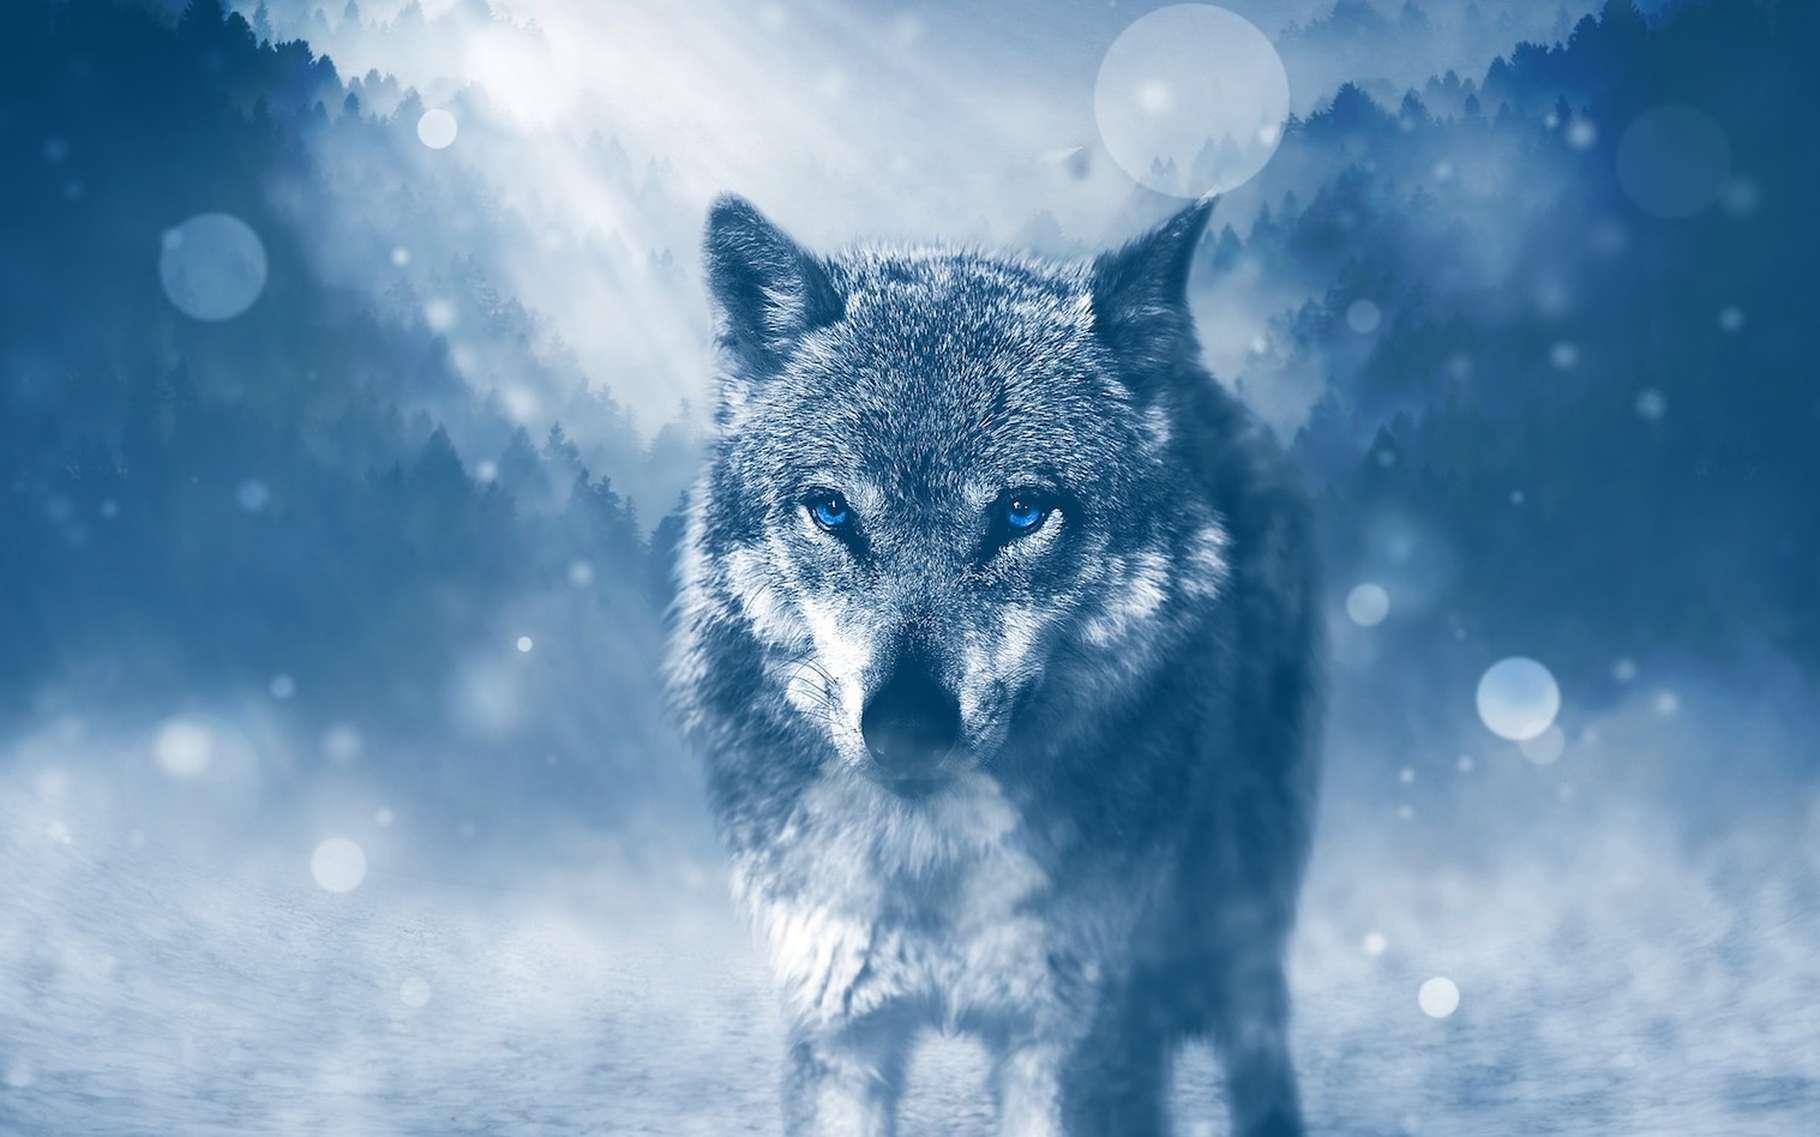 Le loup gris — celui-là même qui nous fait tant peur — était jadis le mammifère le plus répandu sur Terre. En France, aujourd'hui, il est classé «en danger» et jouit du statut d'espèce protégée. © Comfreak, Pixabay, DP